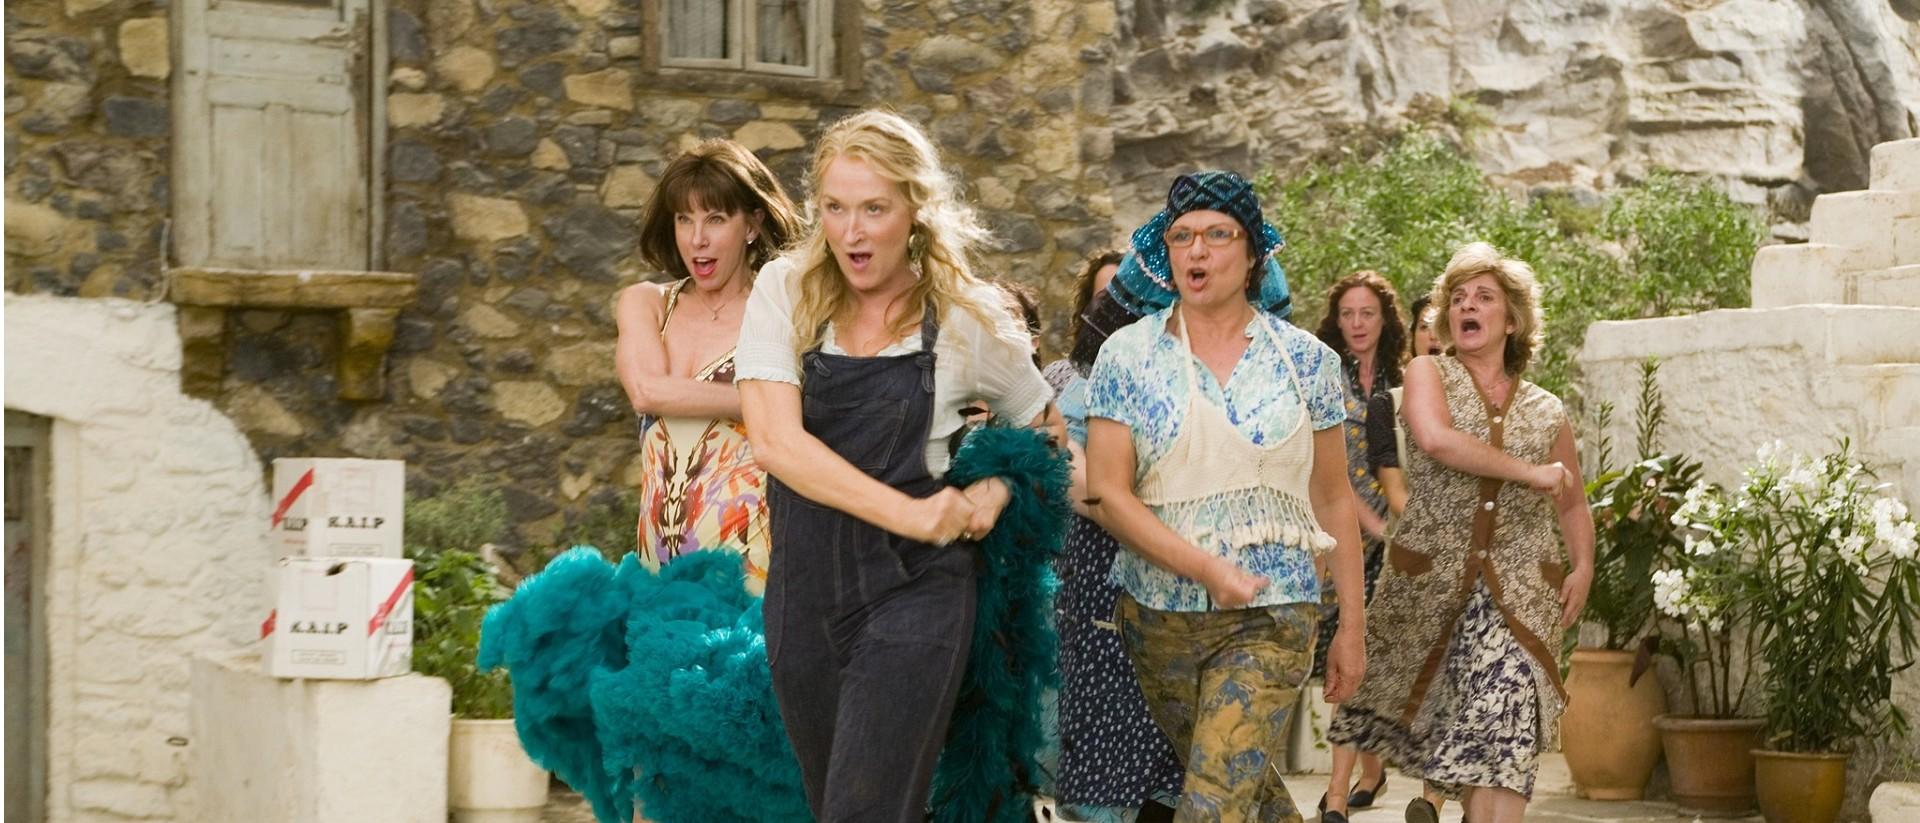 Gala Screening: Mamma Mia